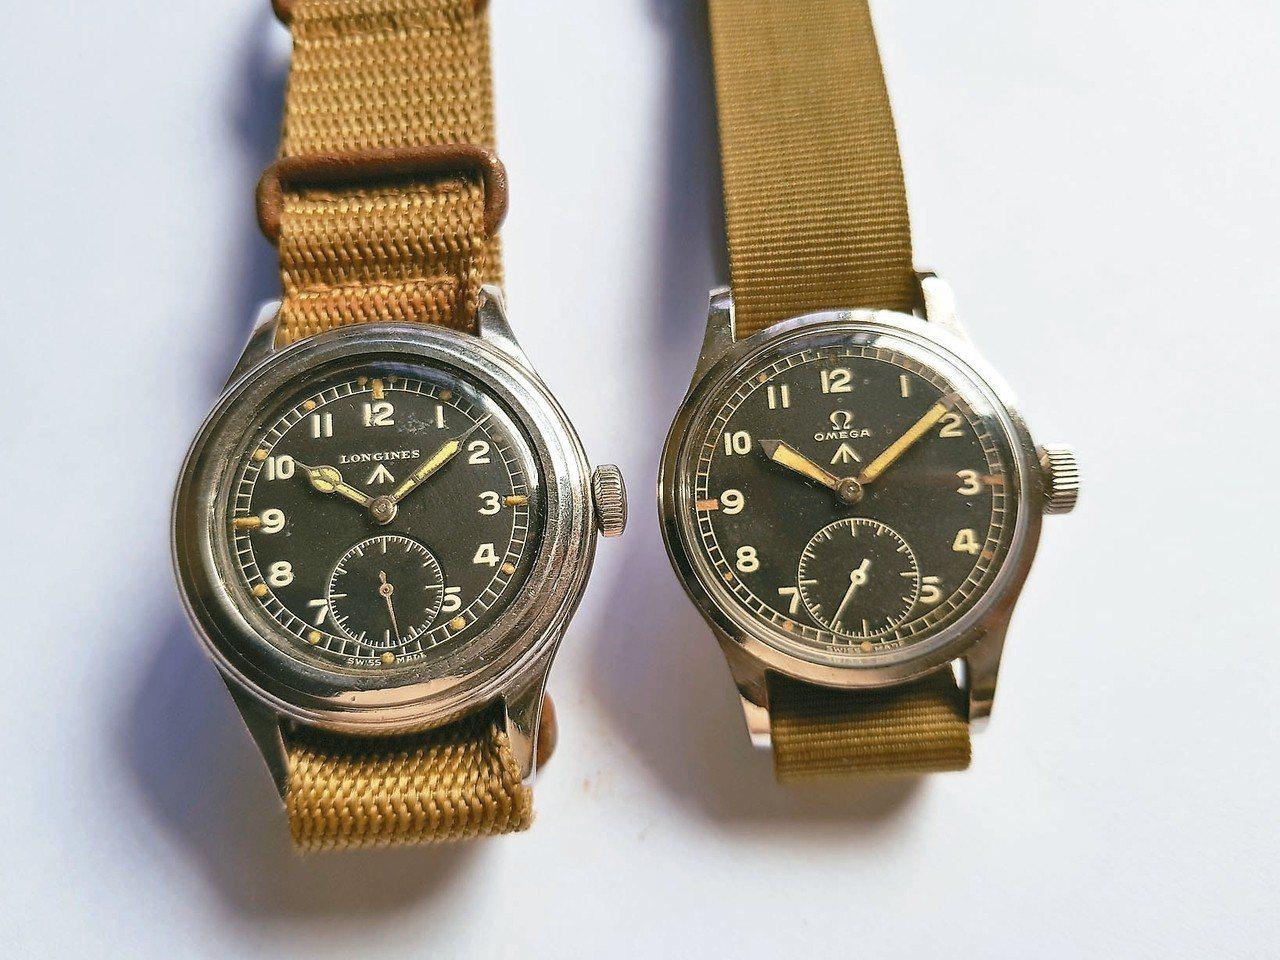 二戰期間英軍所使用的Omega與Longines制式軍表。 圖/曾士昕提供